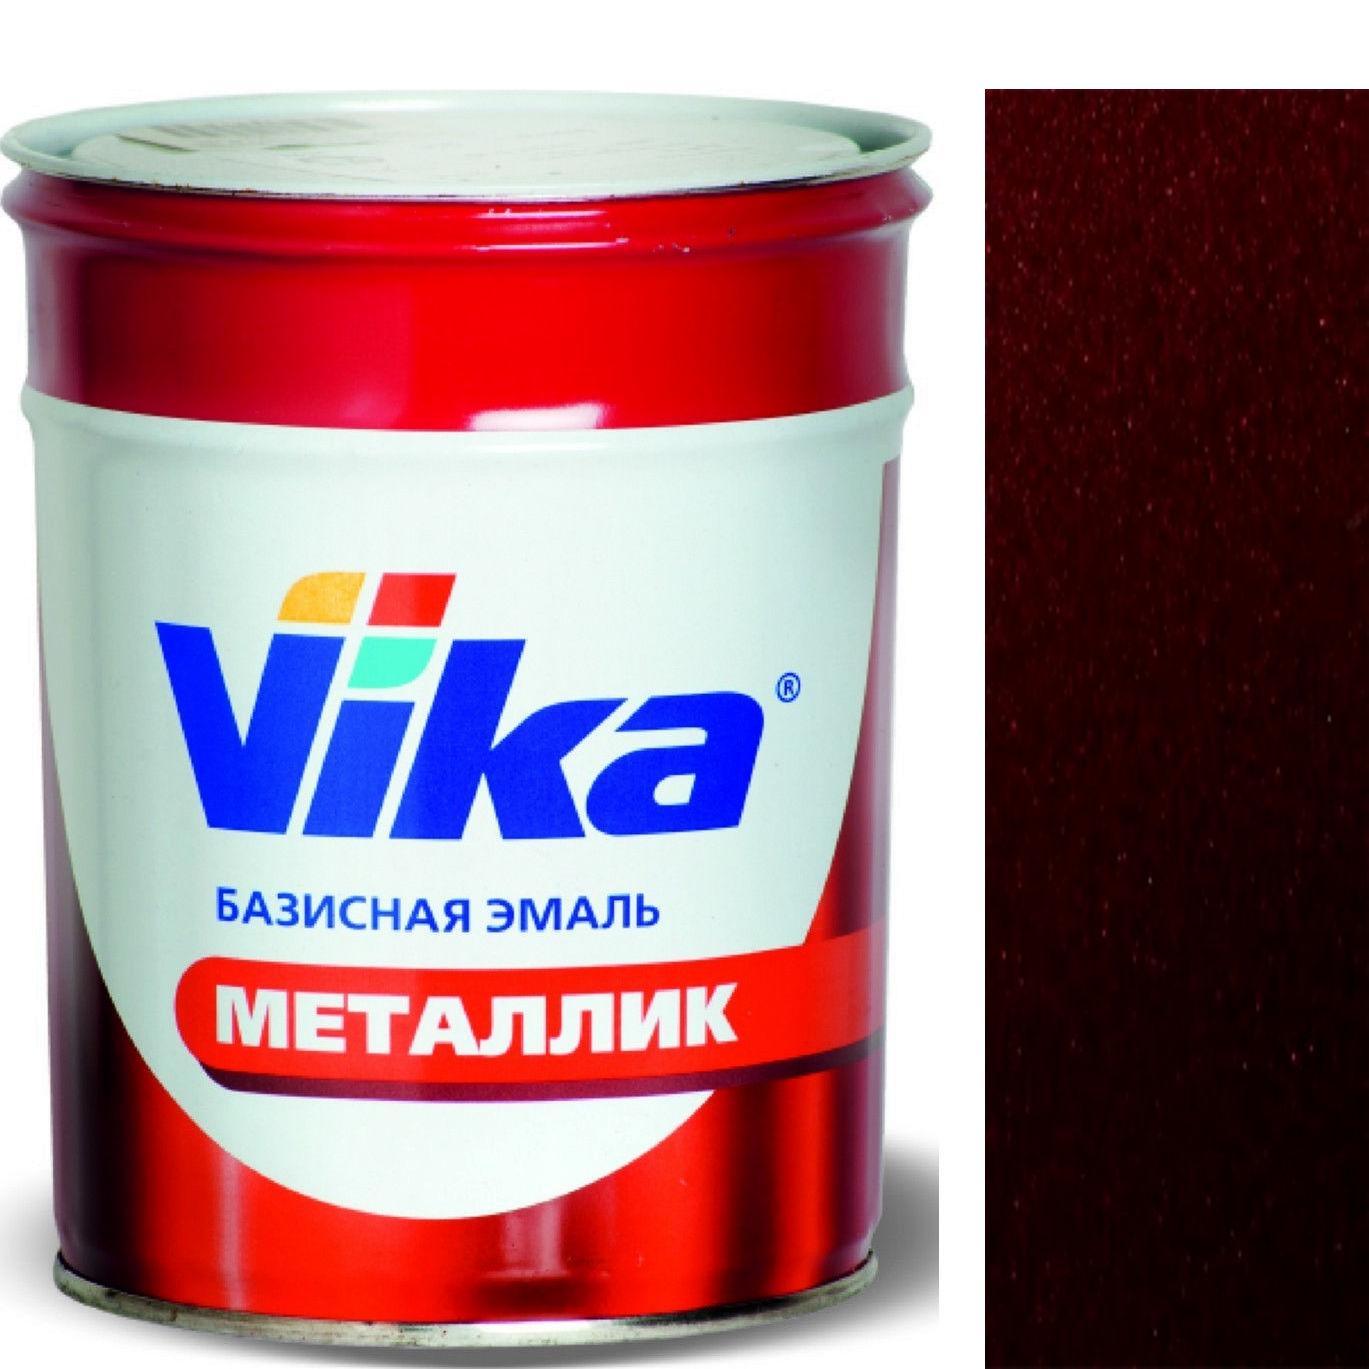 """Фото 8 - Автоэмаль """"Металлик"""" 125 Антарес, профессиональная базовая,  """"Вика/Vika""""."""